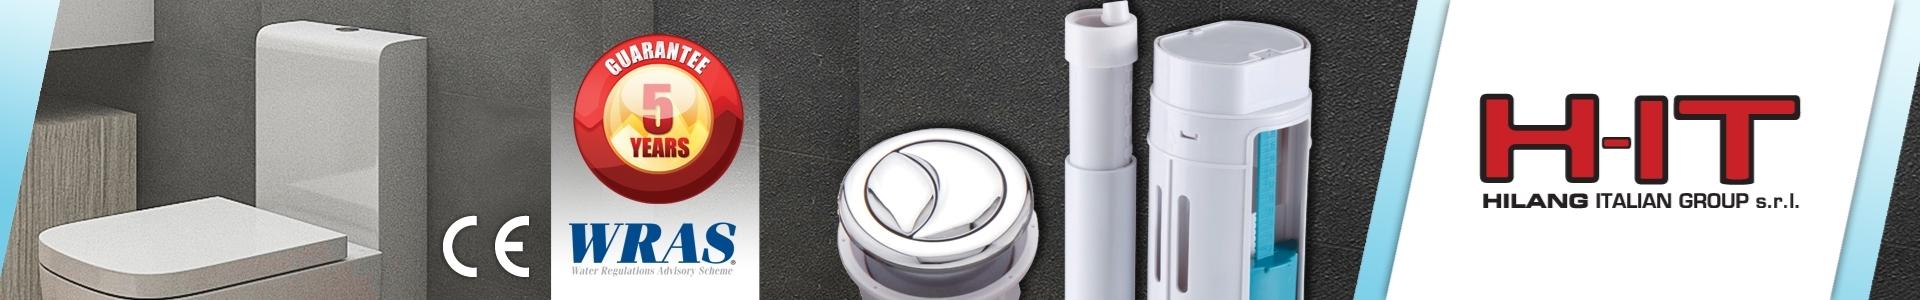 Εικόνα από Η-ΙΤ Μηχανισμοί για Καζανάκια